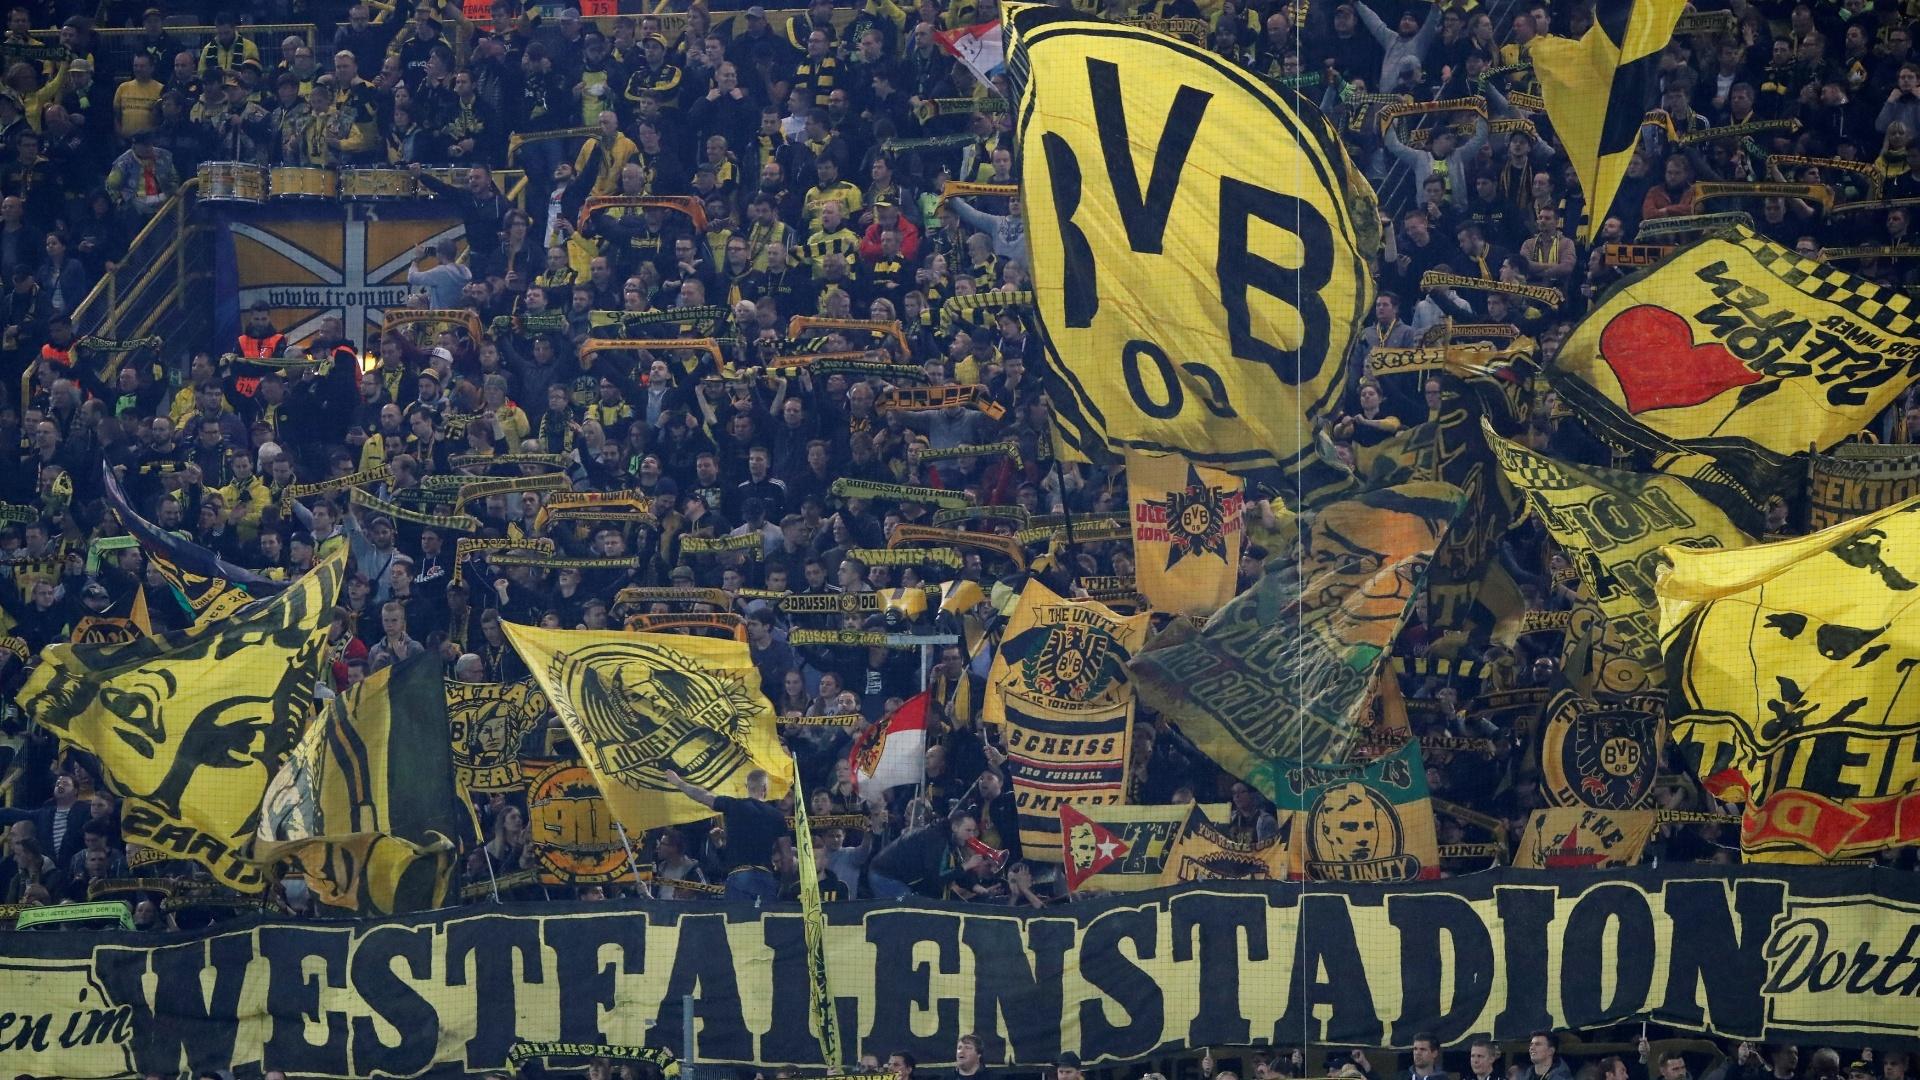 Torcida do Borussia Dortmund faz festa para apoiar o time no Signal Iduna Park